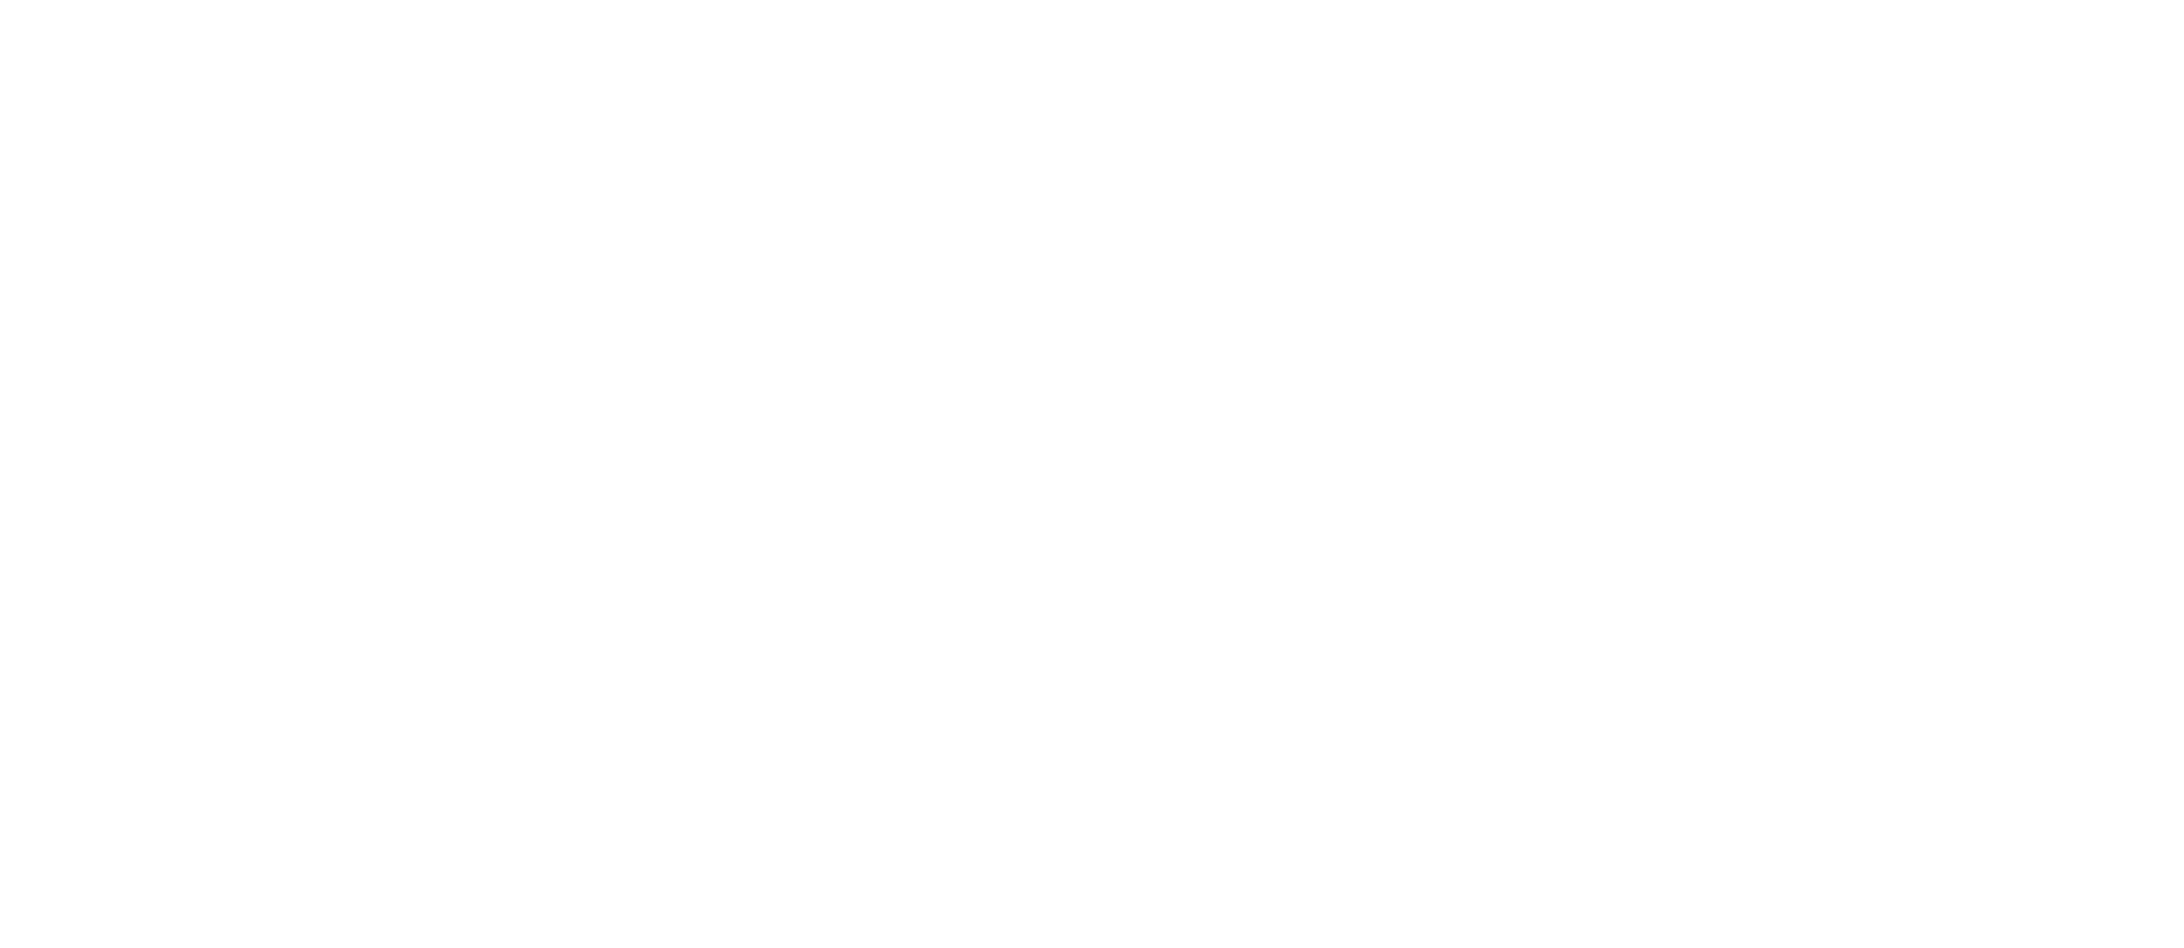 Jamboree22